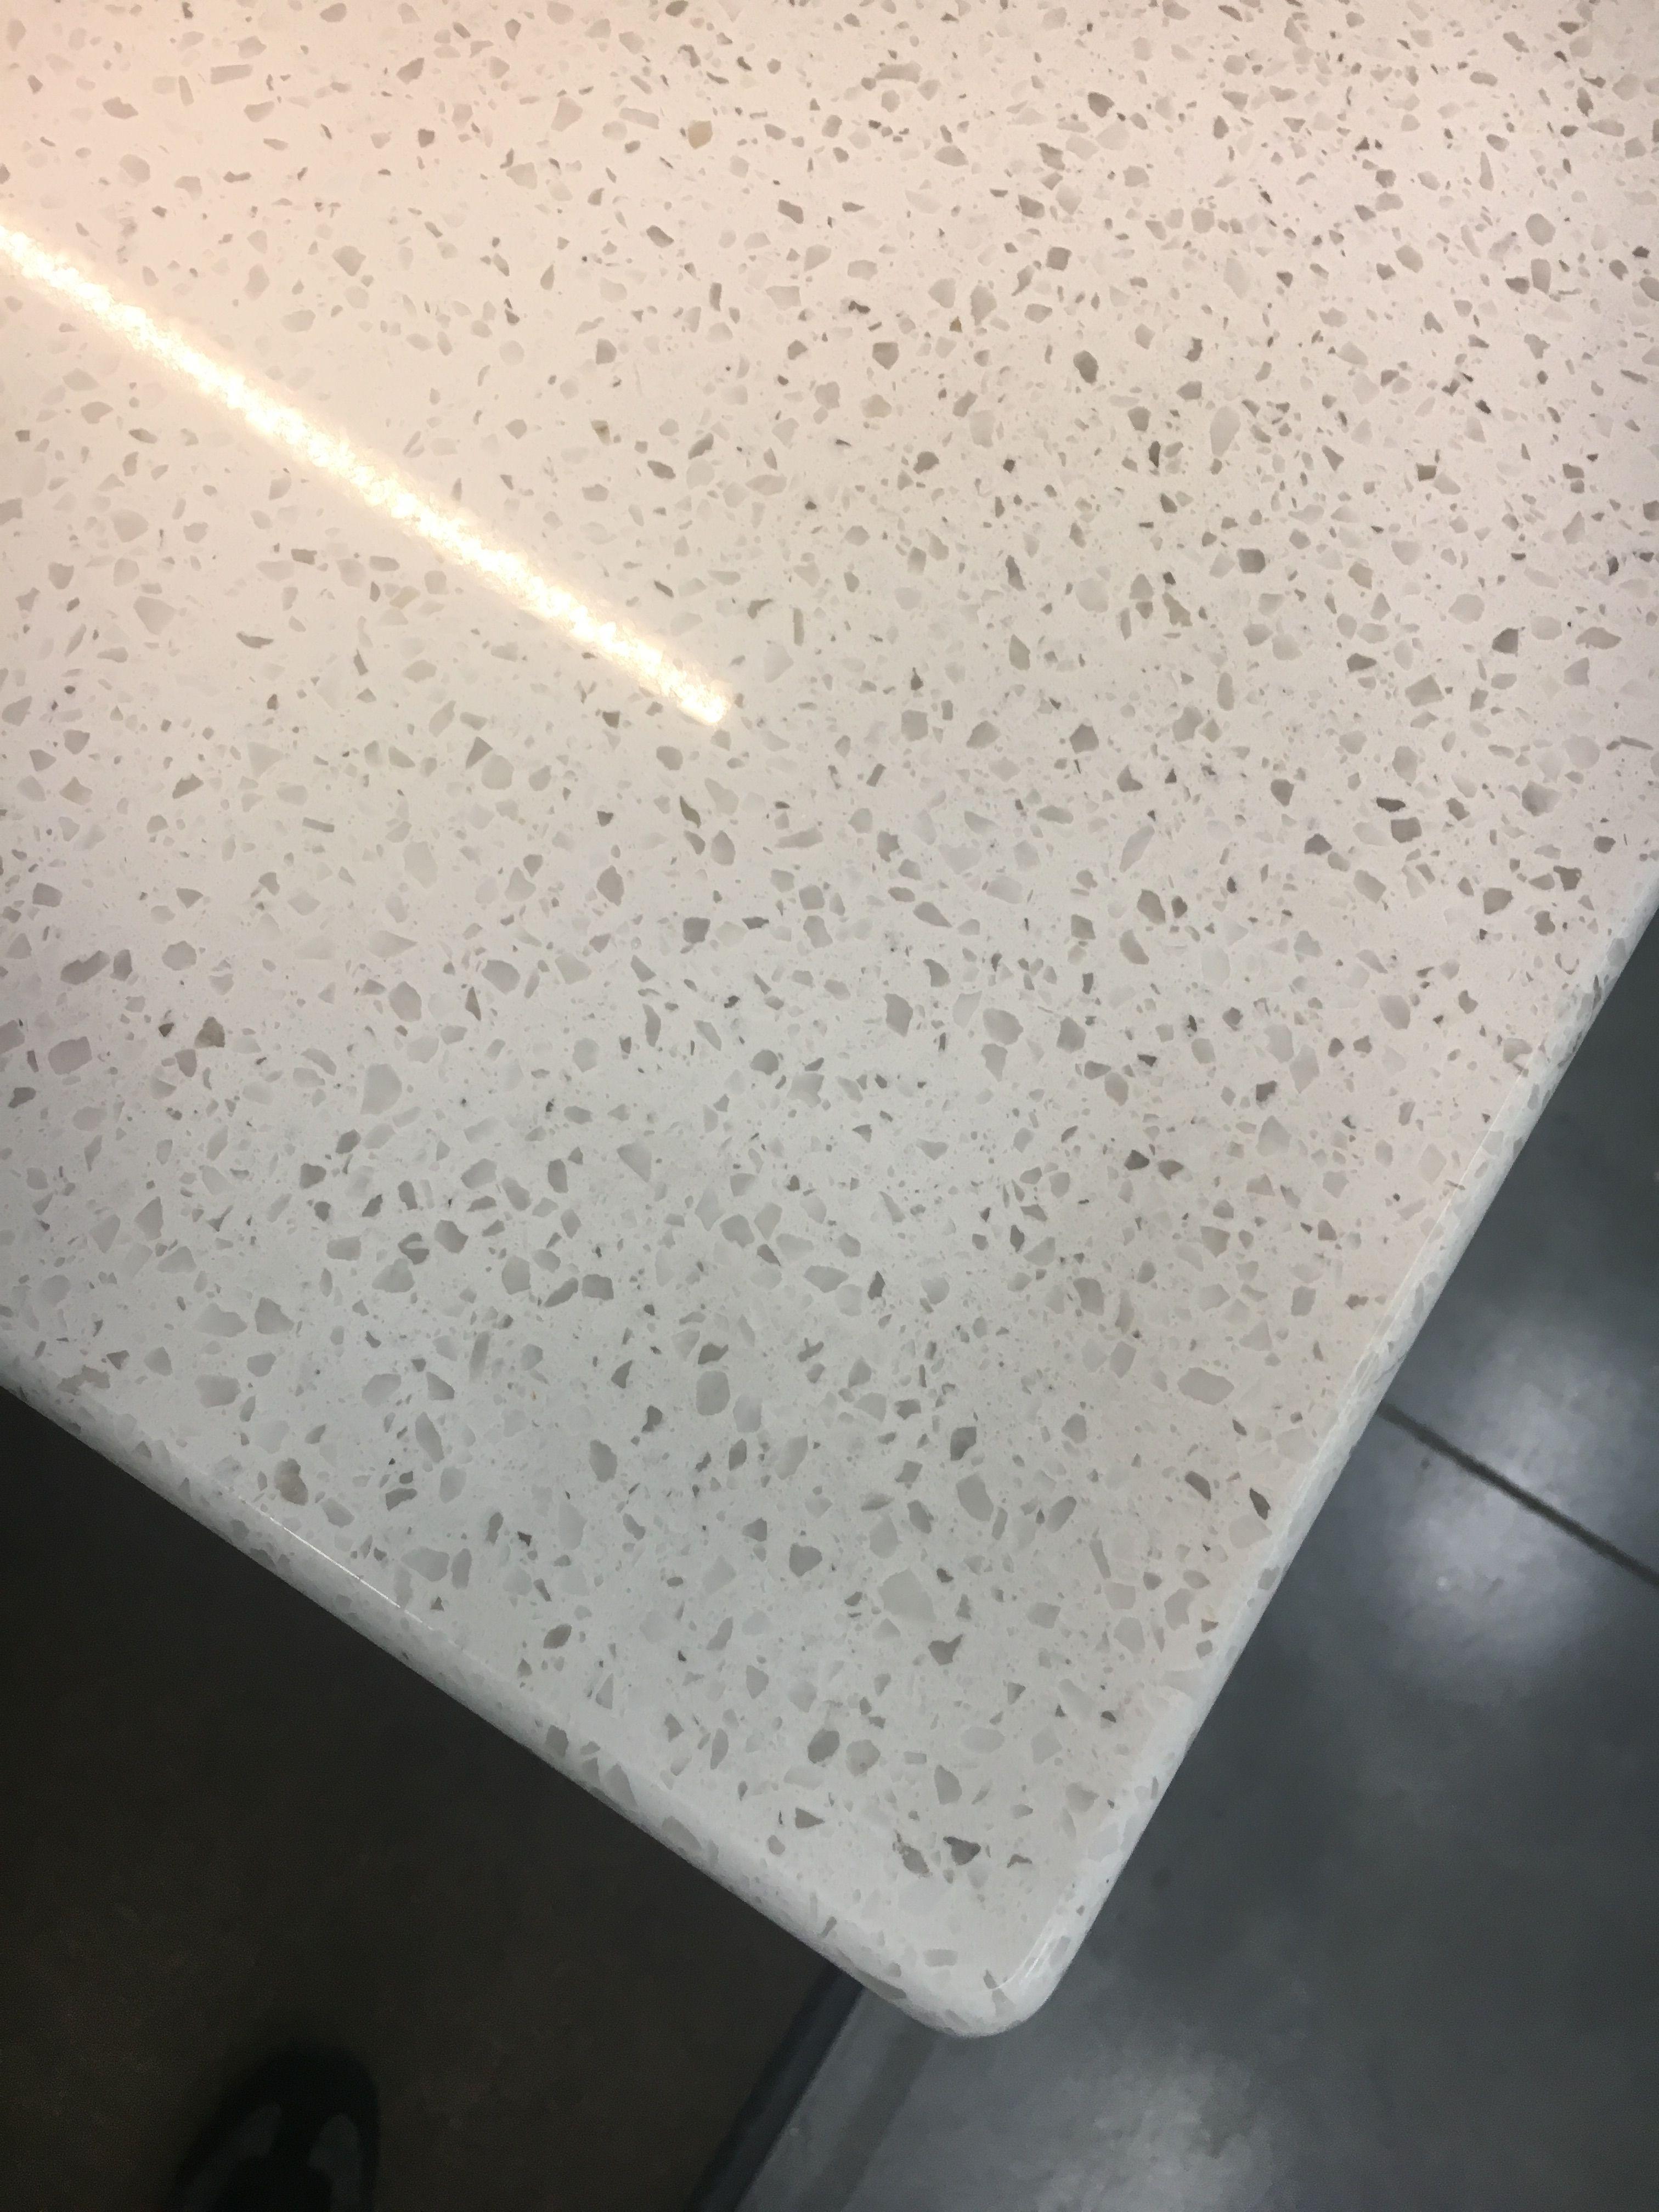 Quartz Countertop Menards Quartz Countertops Kitchen Facelift Menards